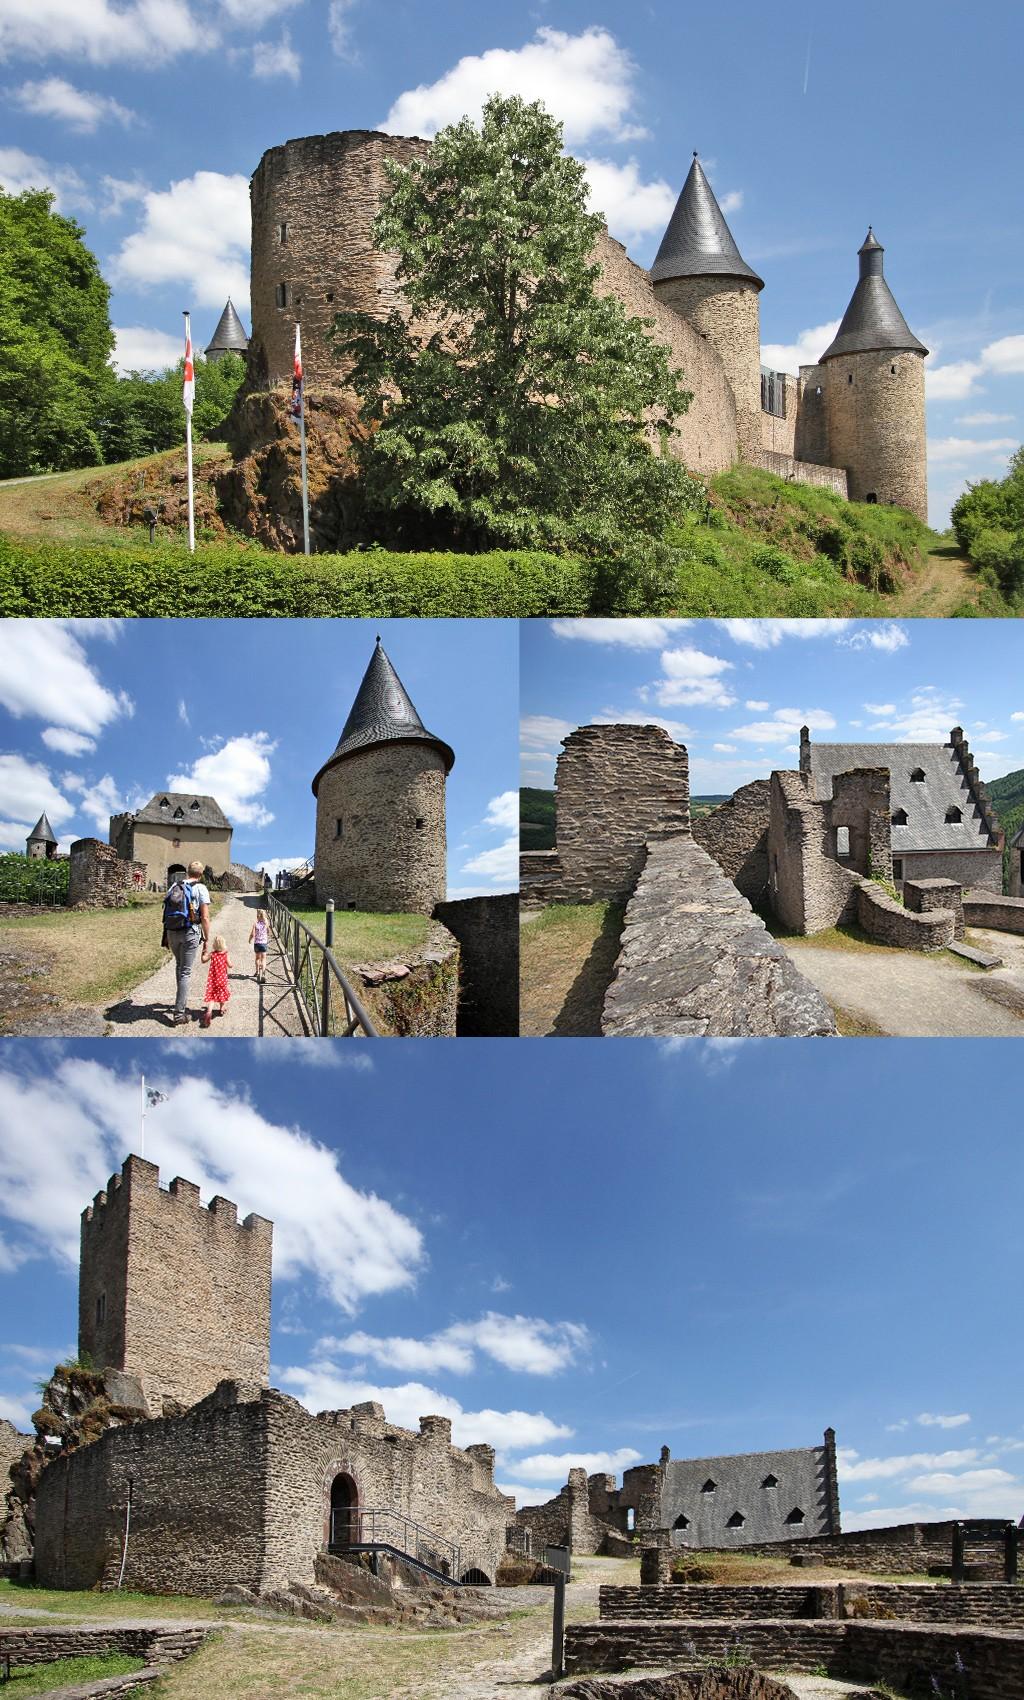 mooiste kastelen Luxemburg - Bourscheid